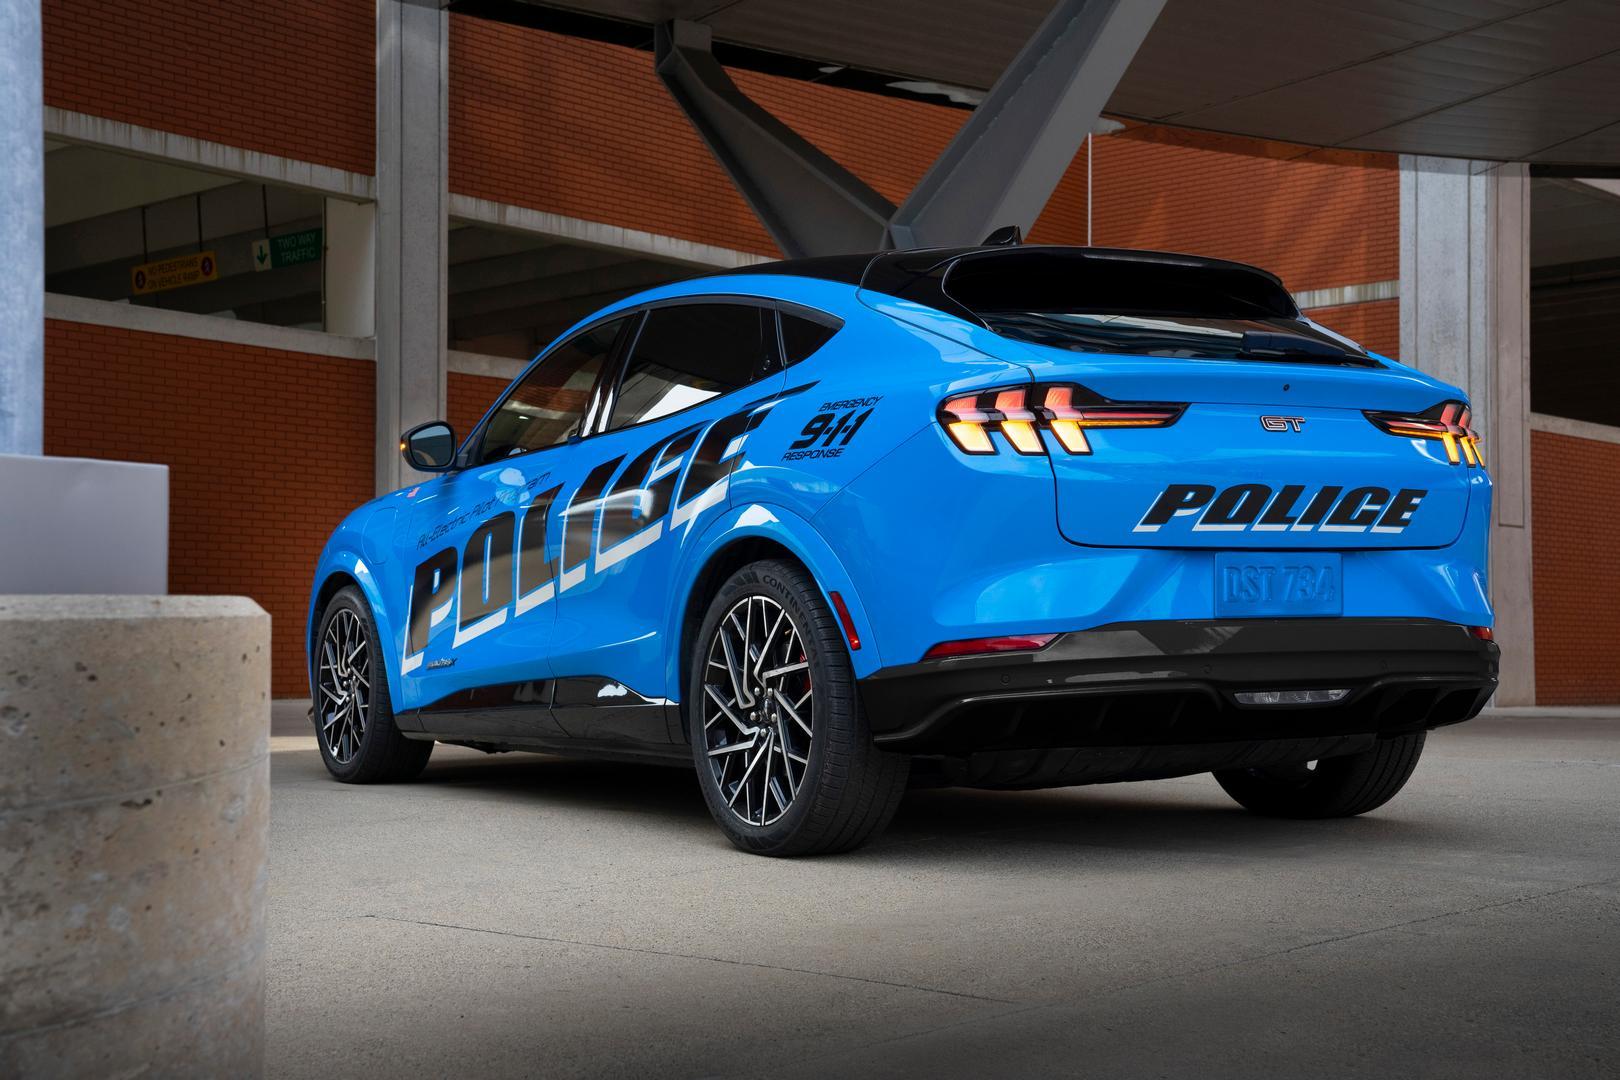 Blue Mustang Mach E